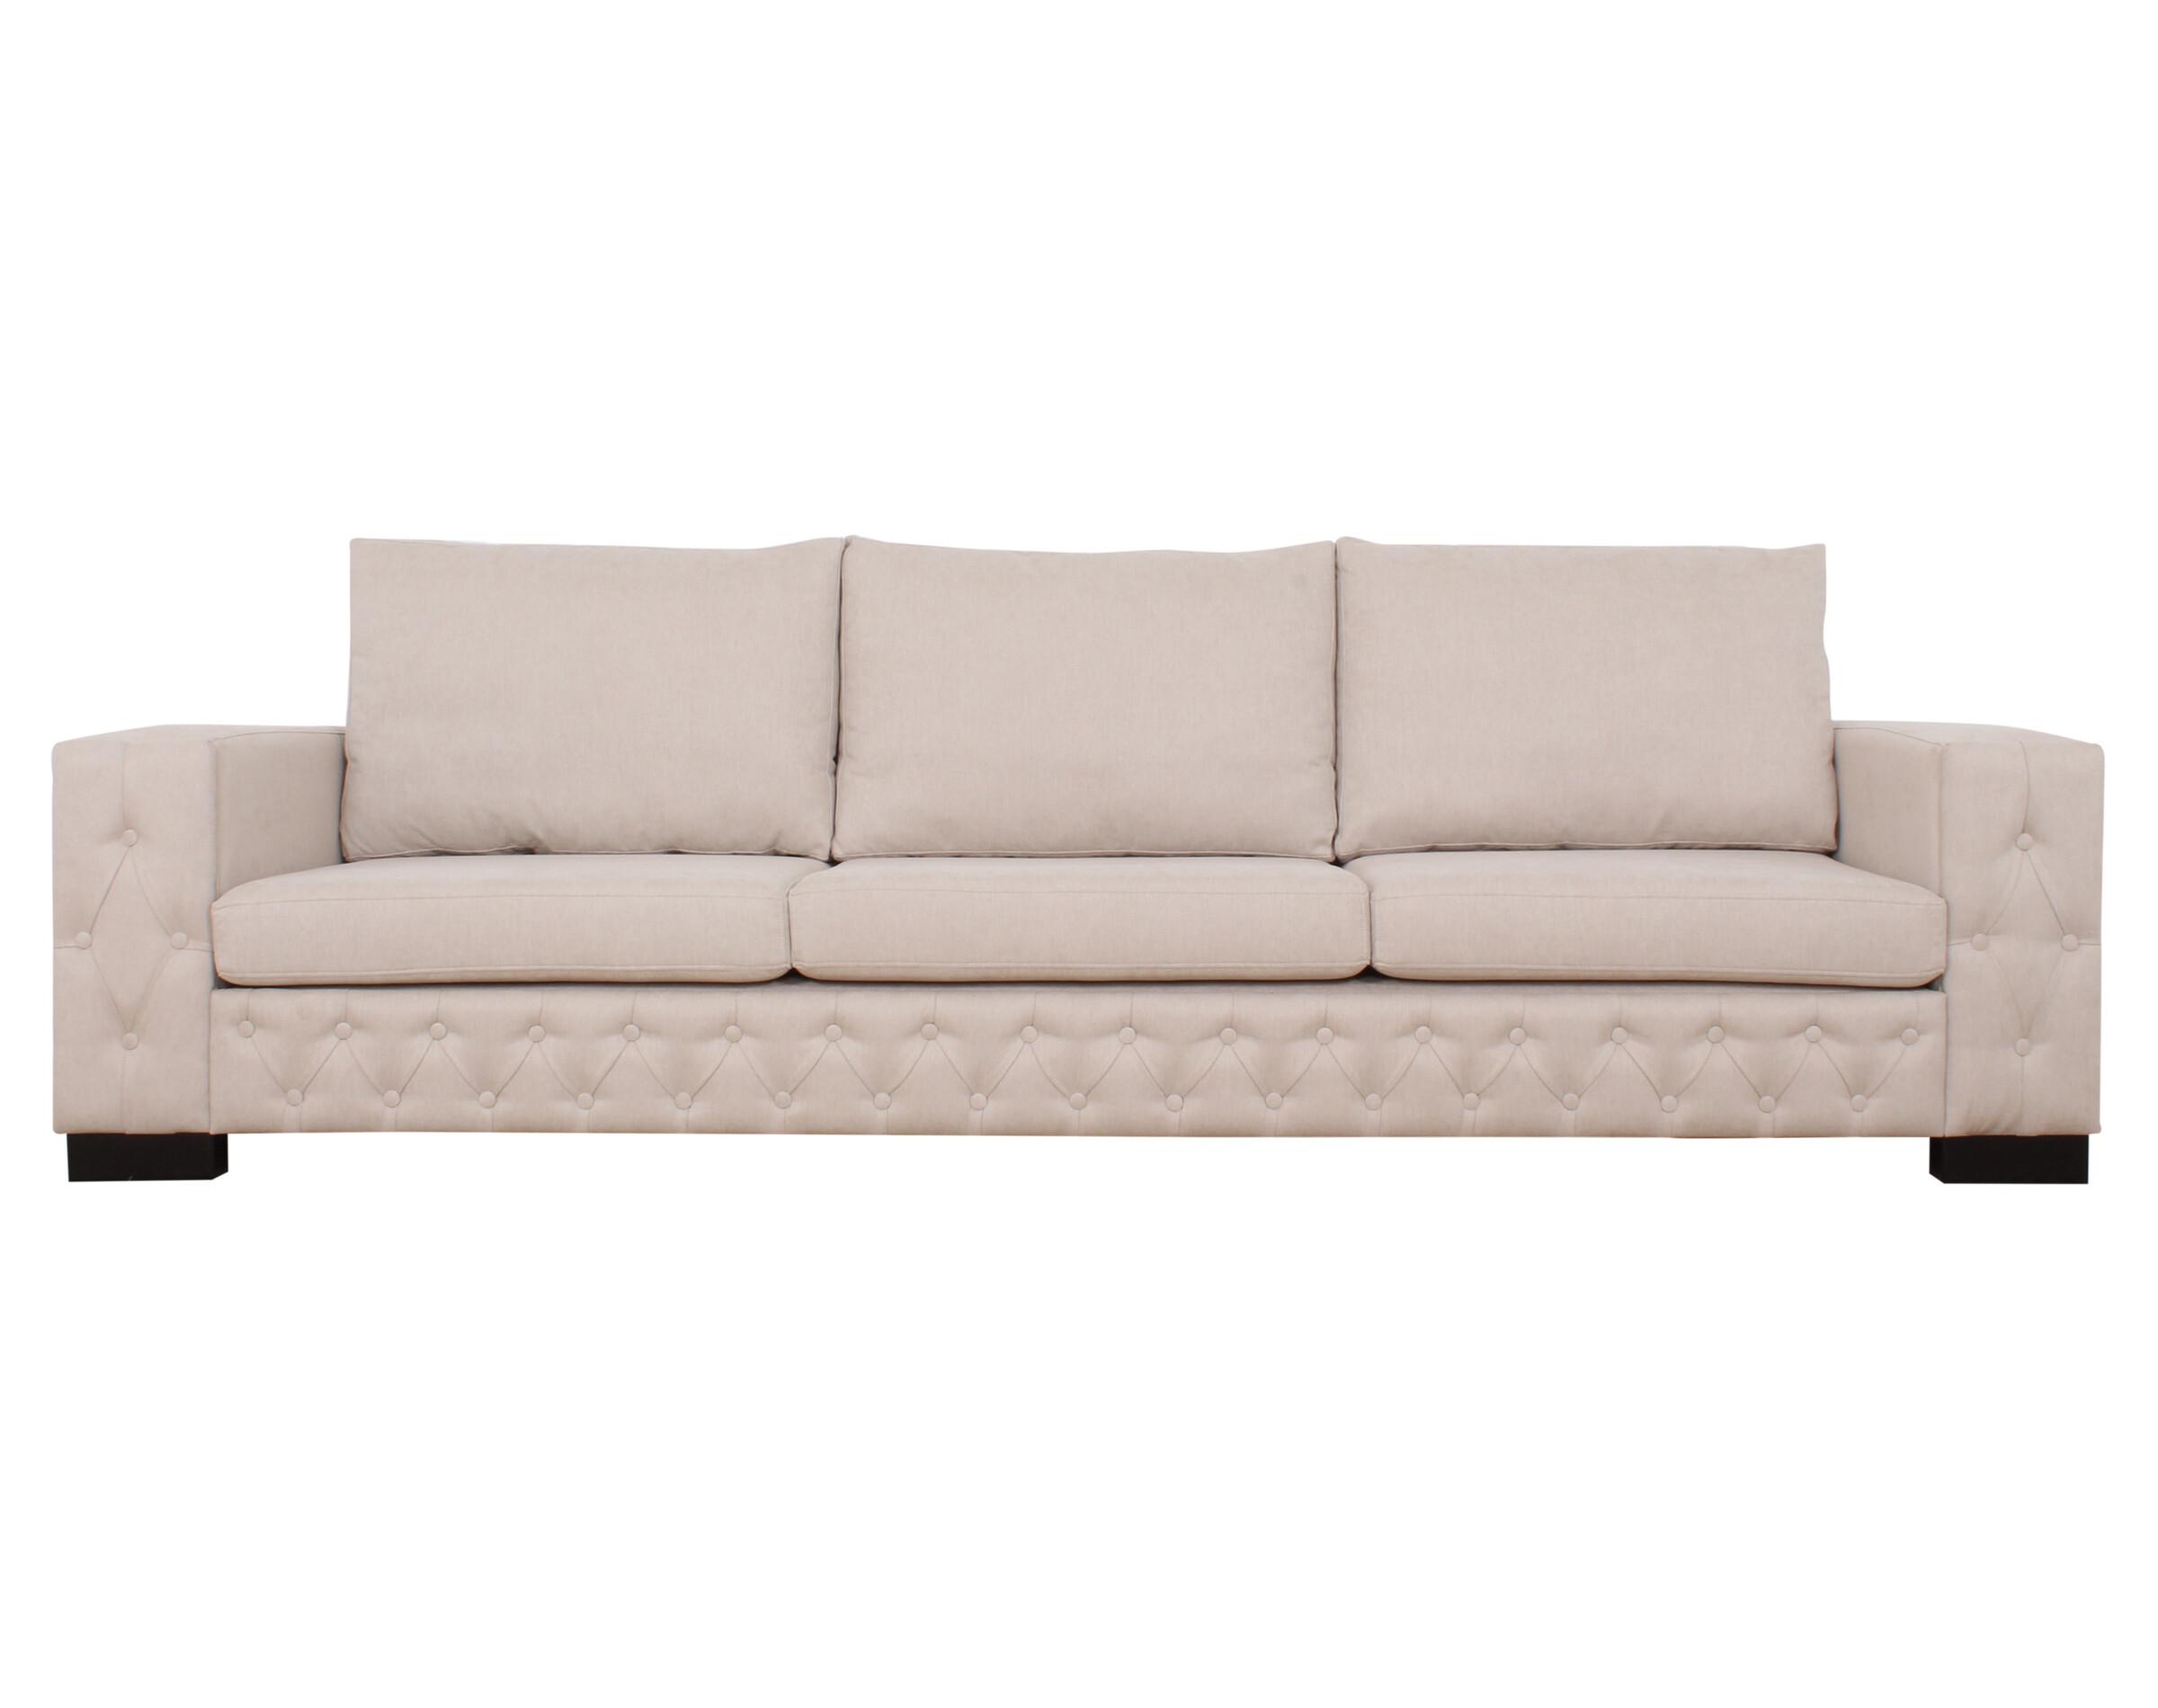 Sofa 3 Cuerpos Frente Capitone